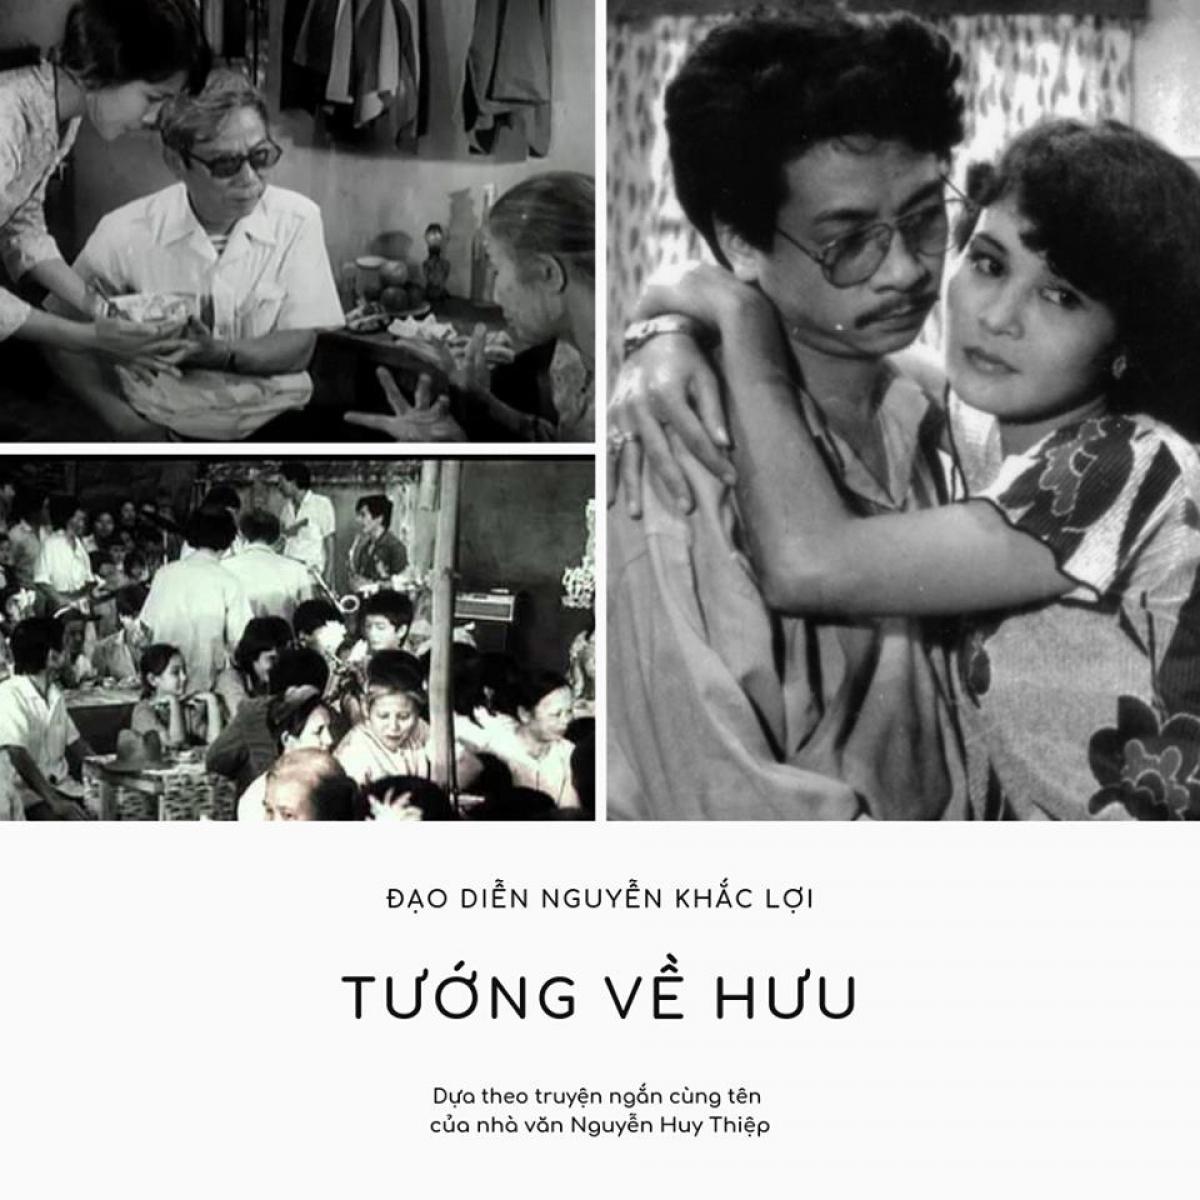 """Bộ phim """"Tướng về hưu"""" được làm từ truyện ngắn cùng tên của nhà văn Nguyễn Huy Thiệp"""